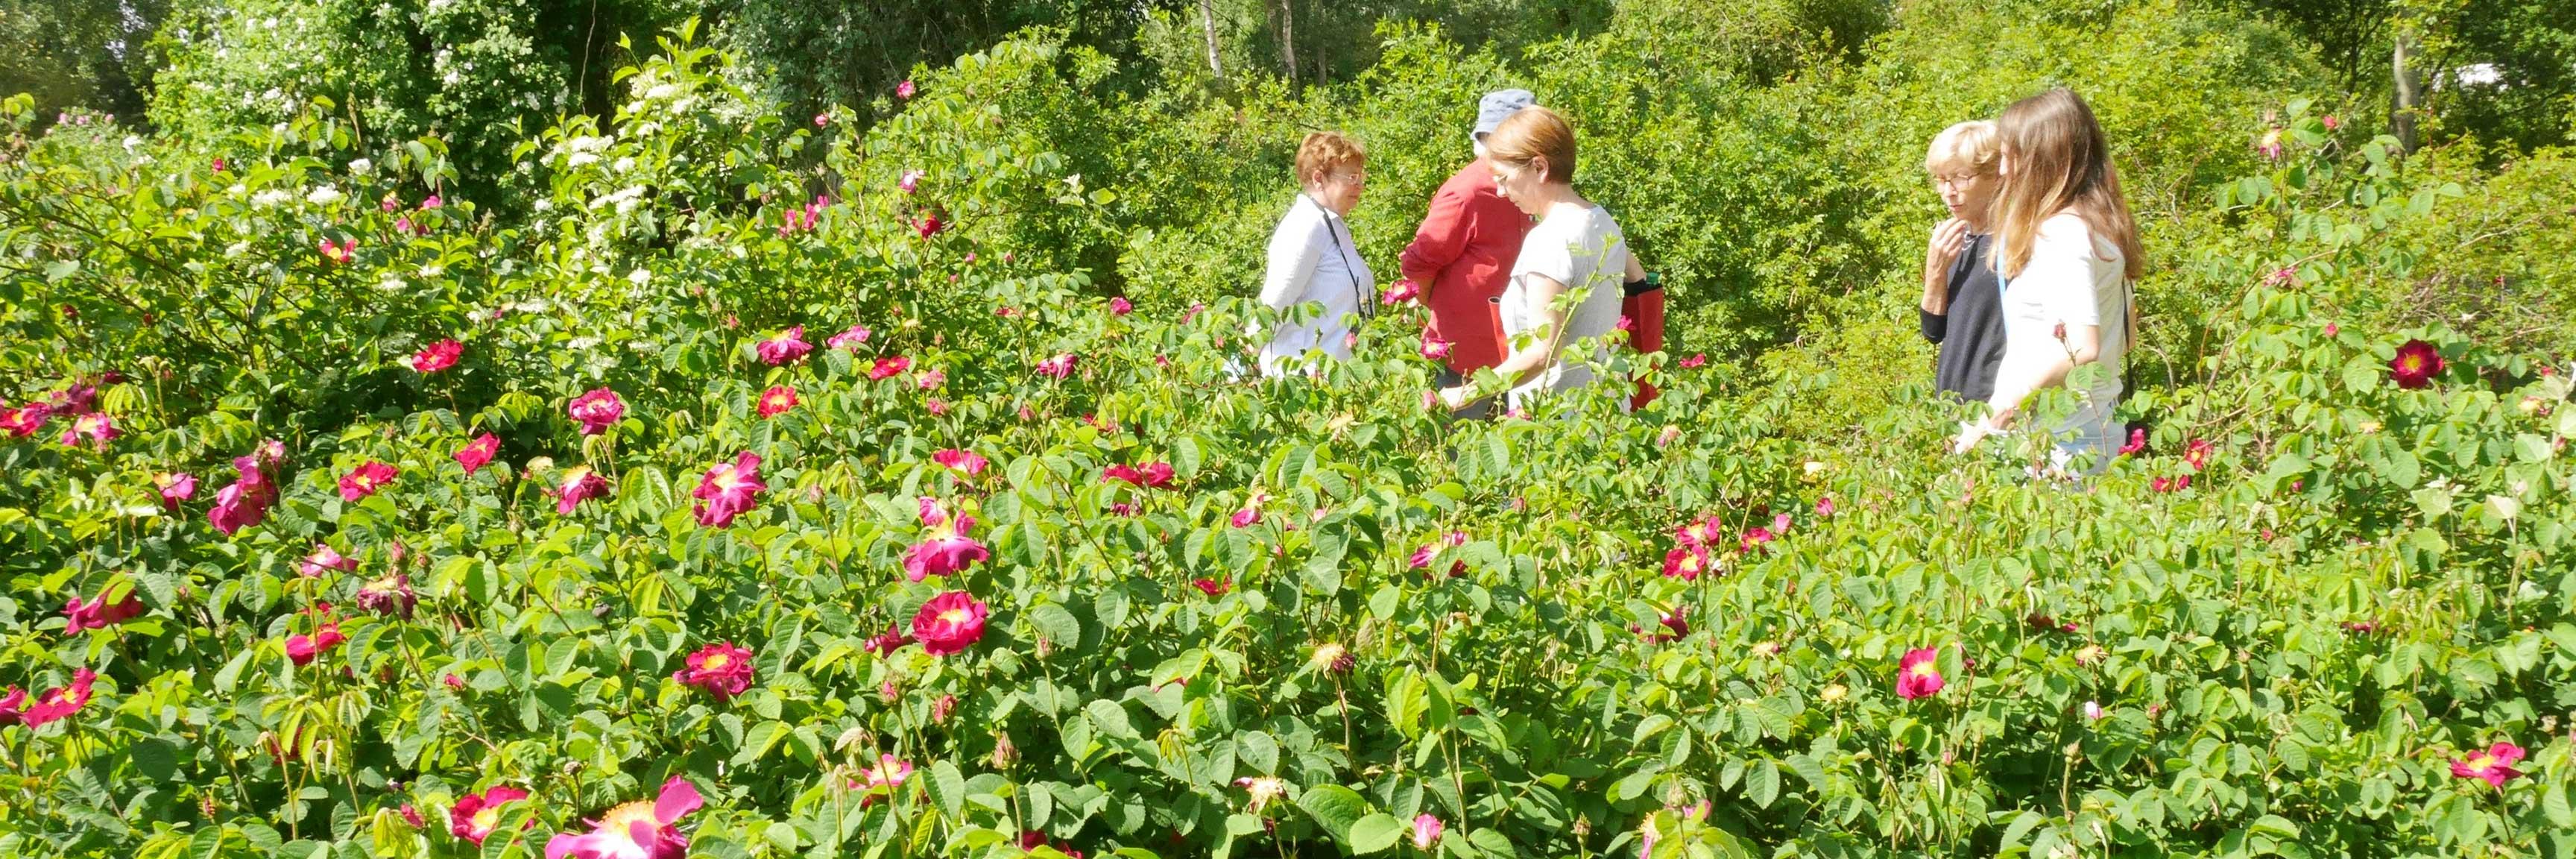 Visite de la roseraie de Doué-la-Fontaine en groupe